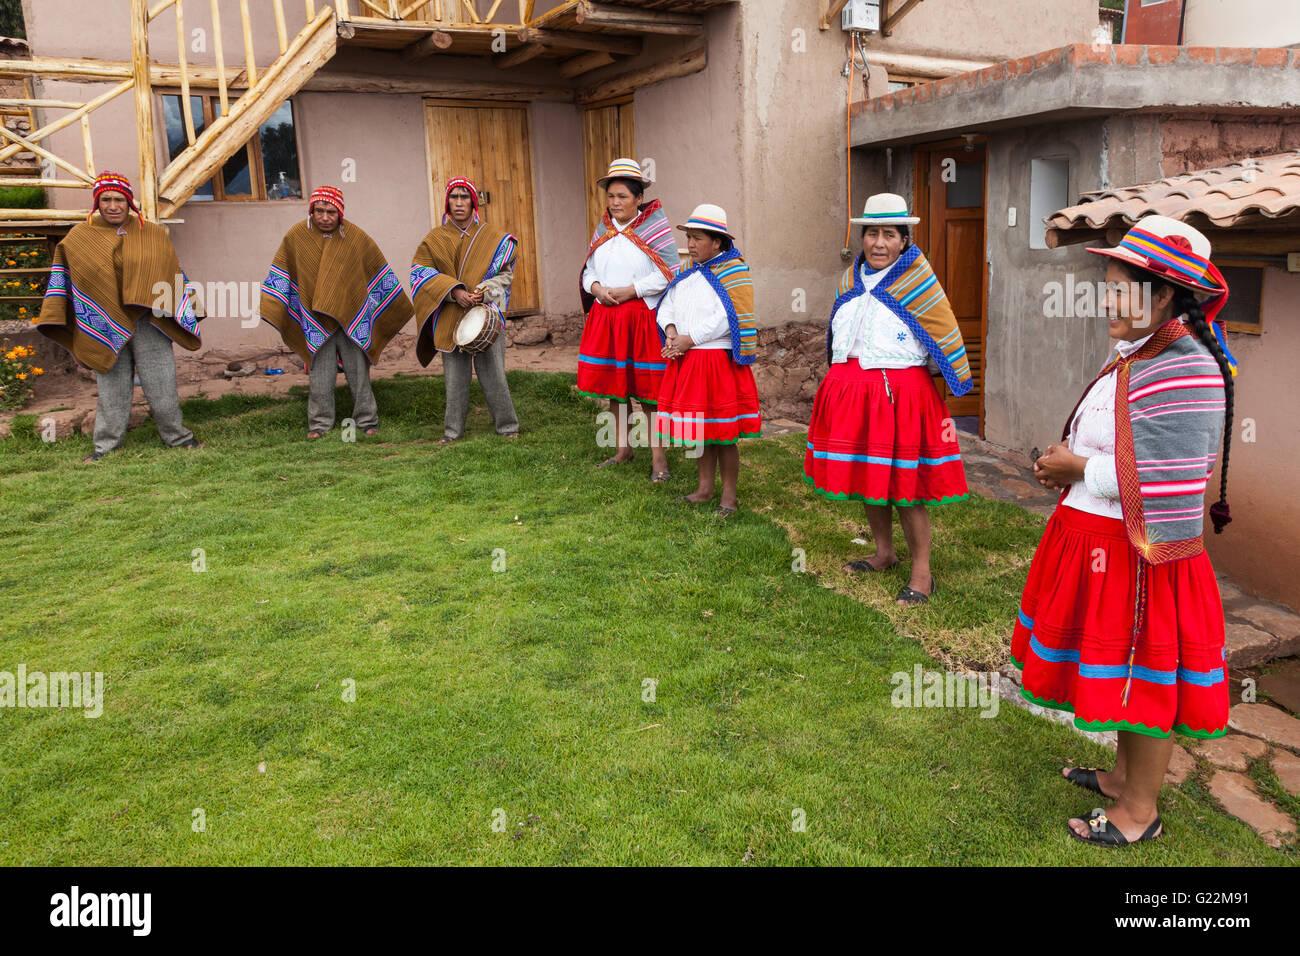 Famille d'accueil dans le village andin d'Misminay, Pérou Photo Stock